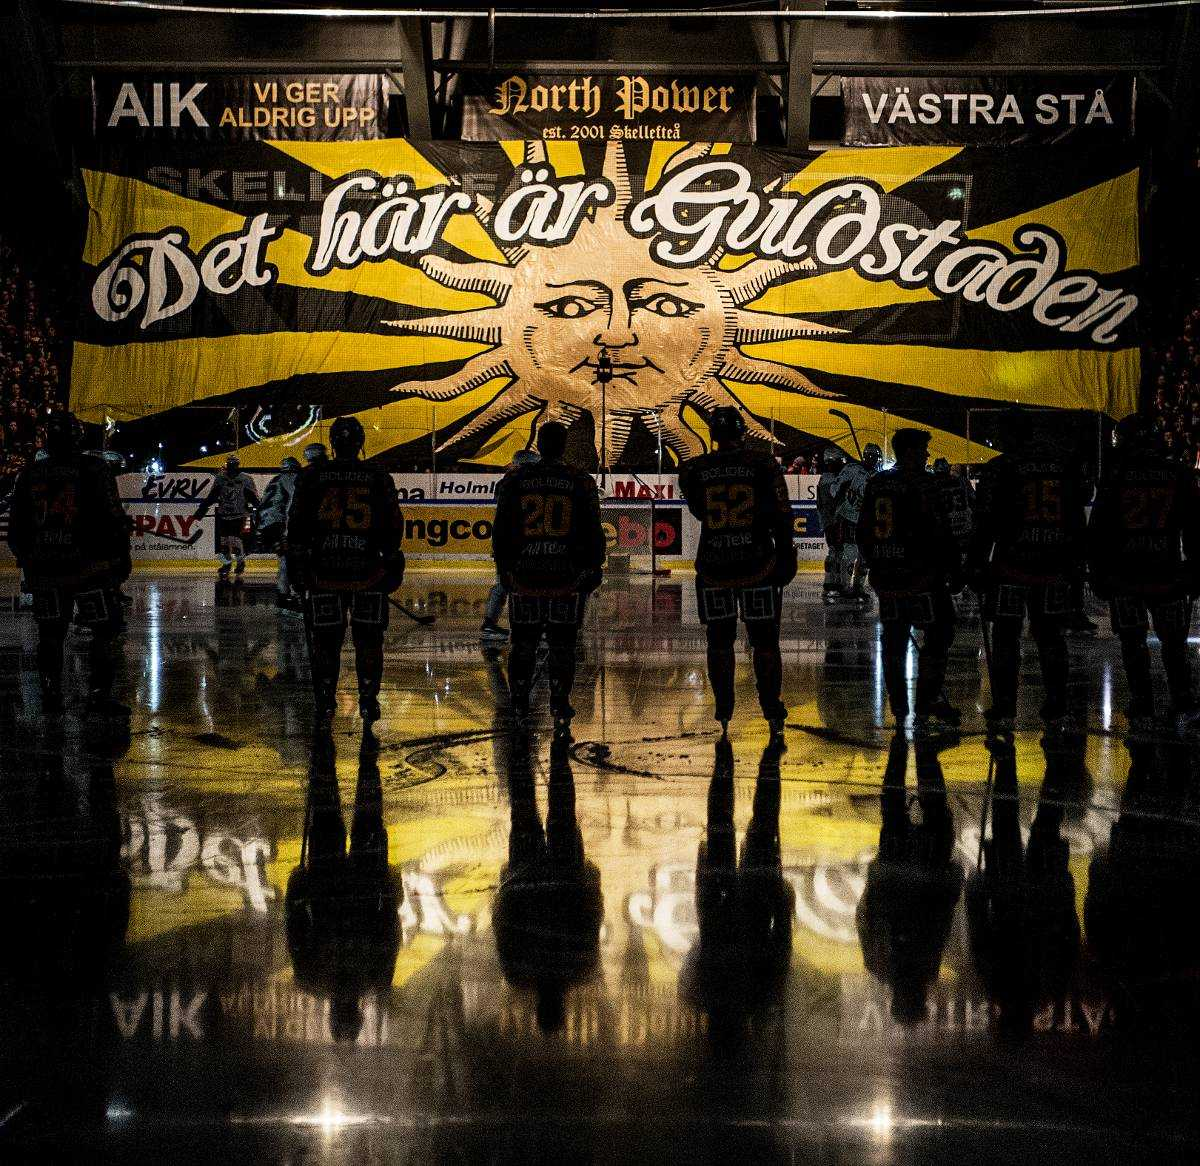 Nu ska de bli mästare Skellefteå är 60 minuter från sitt andra raka SM-guld. De har varit överlägsna hela säsongen, och frågan är vem som ska kunna slå dem nästa säsong.